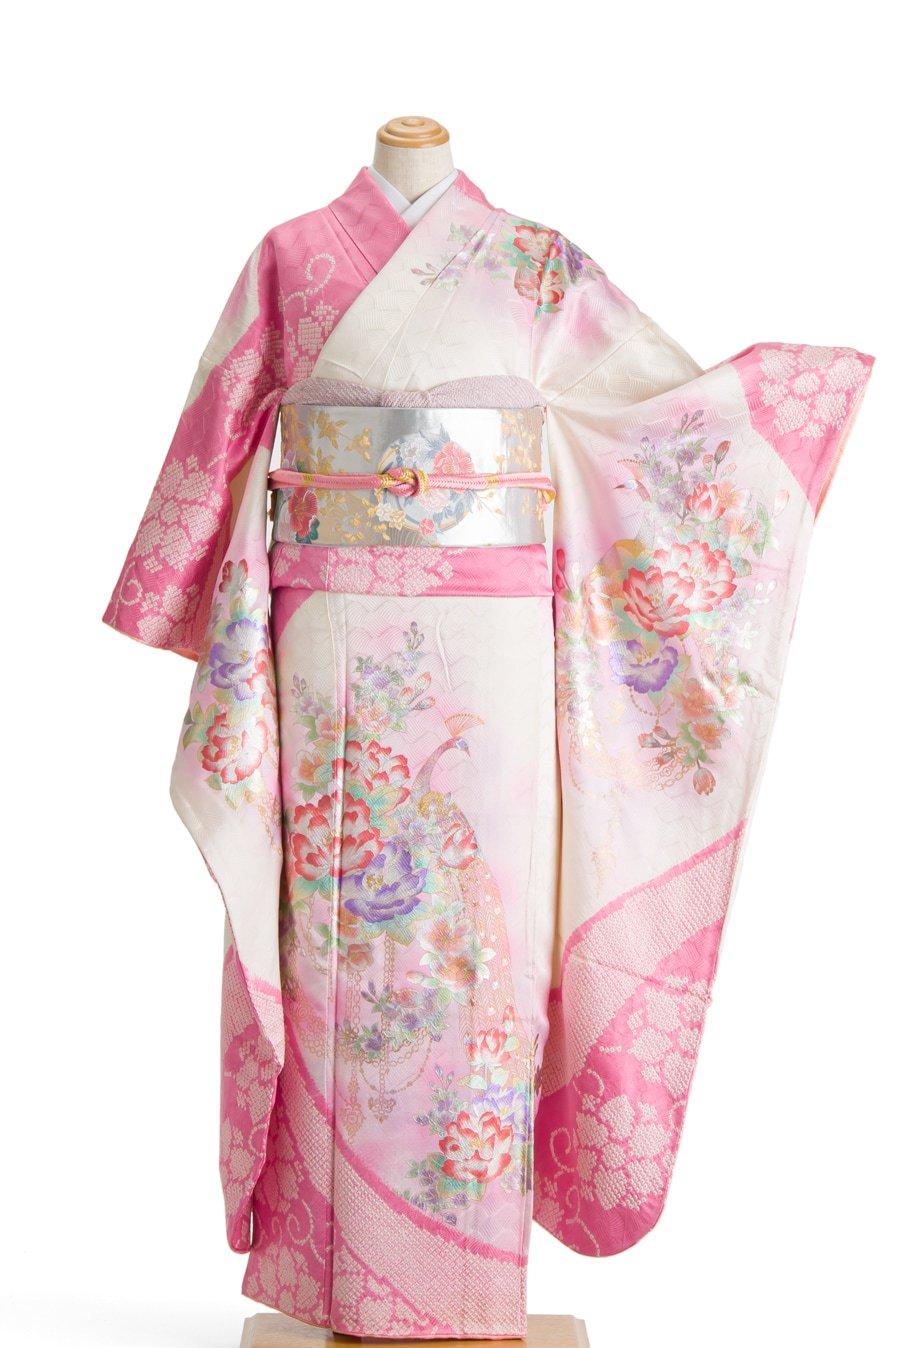 「振袖 ピンクの絞りに孔雀と花」の商品画像